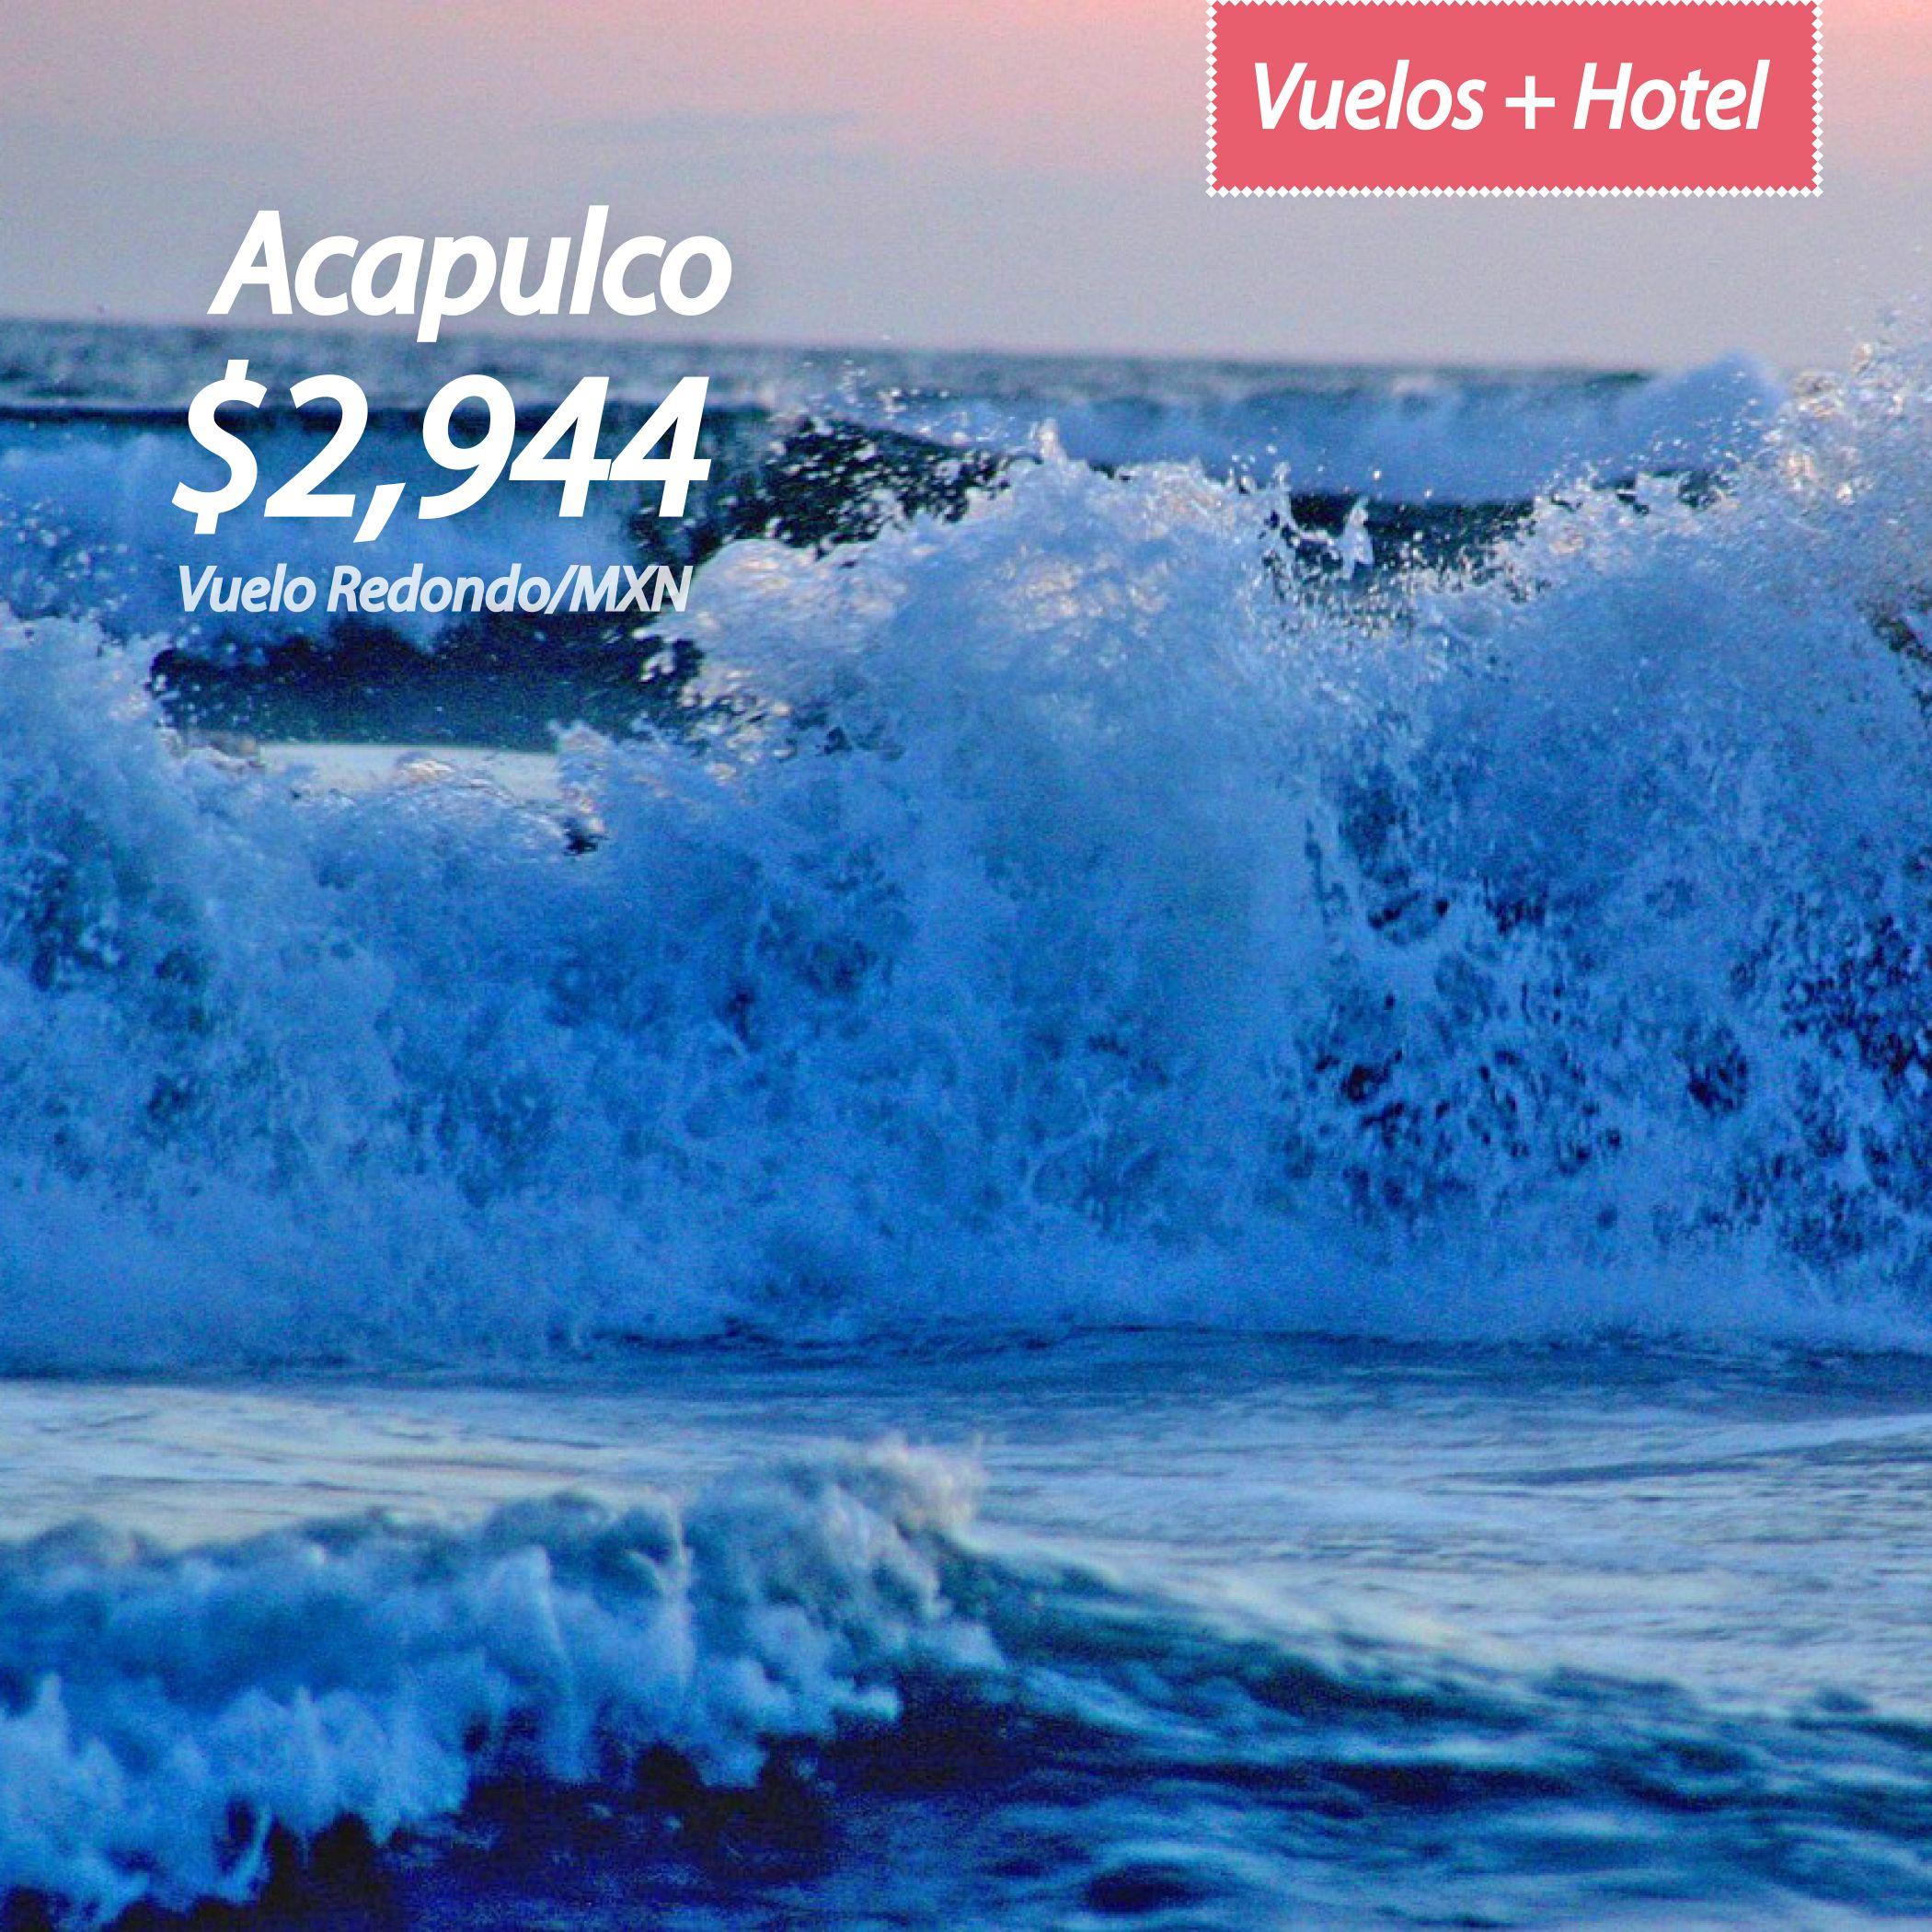 acapulco-compressor-2